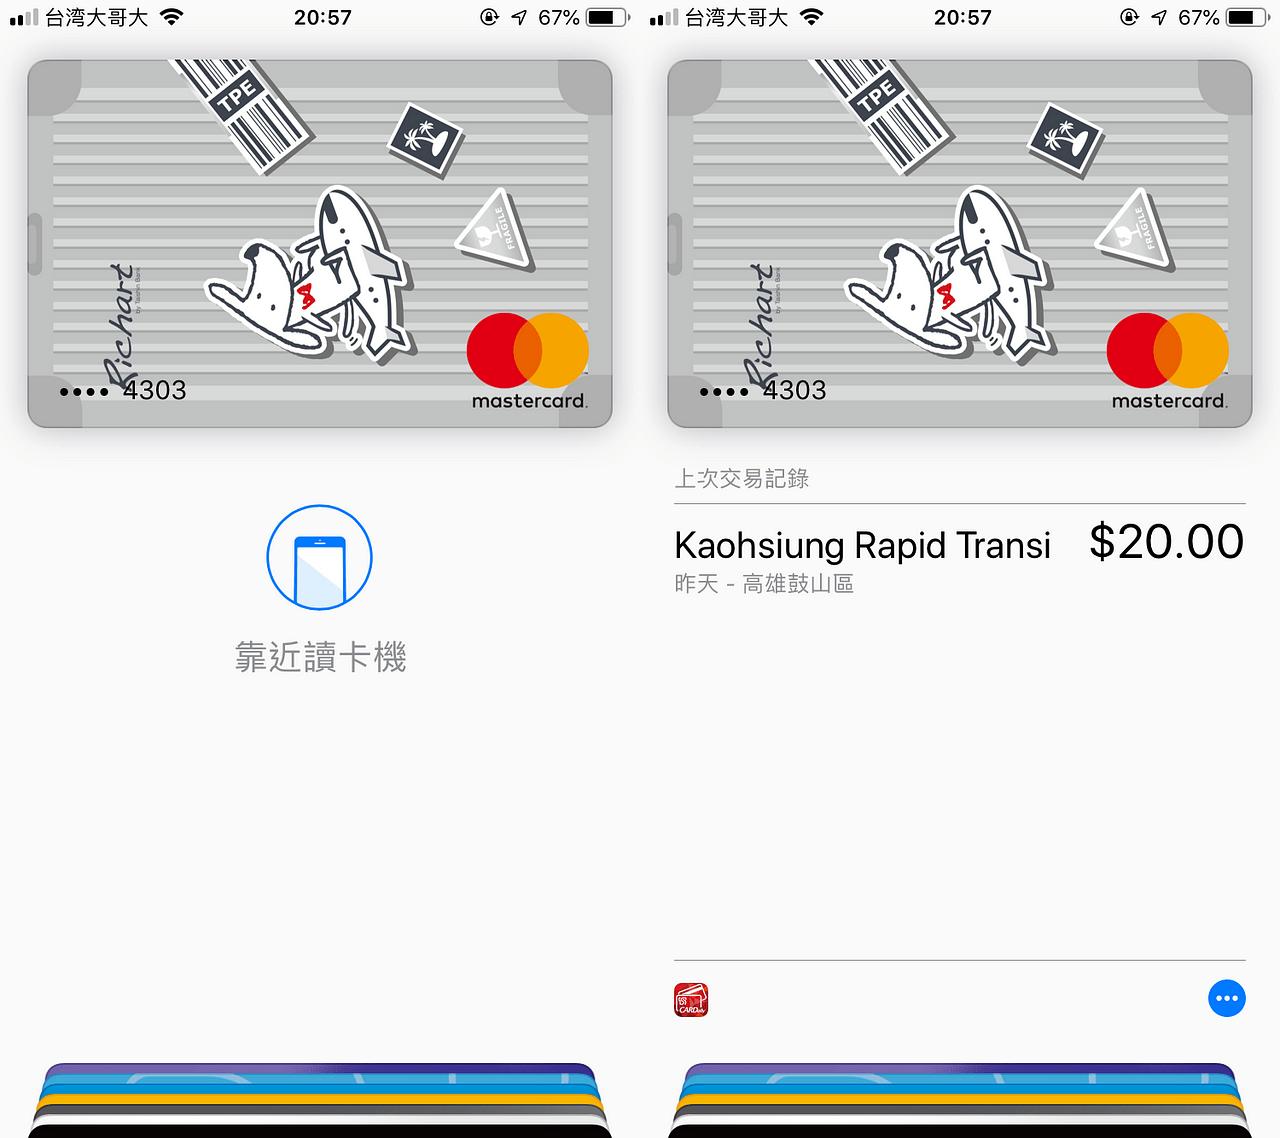 手機嗶一下就能進站!高雄捷運 Apple Pay 實測分享(支援 mastercard,銀聯卡) - 電獺少女